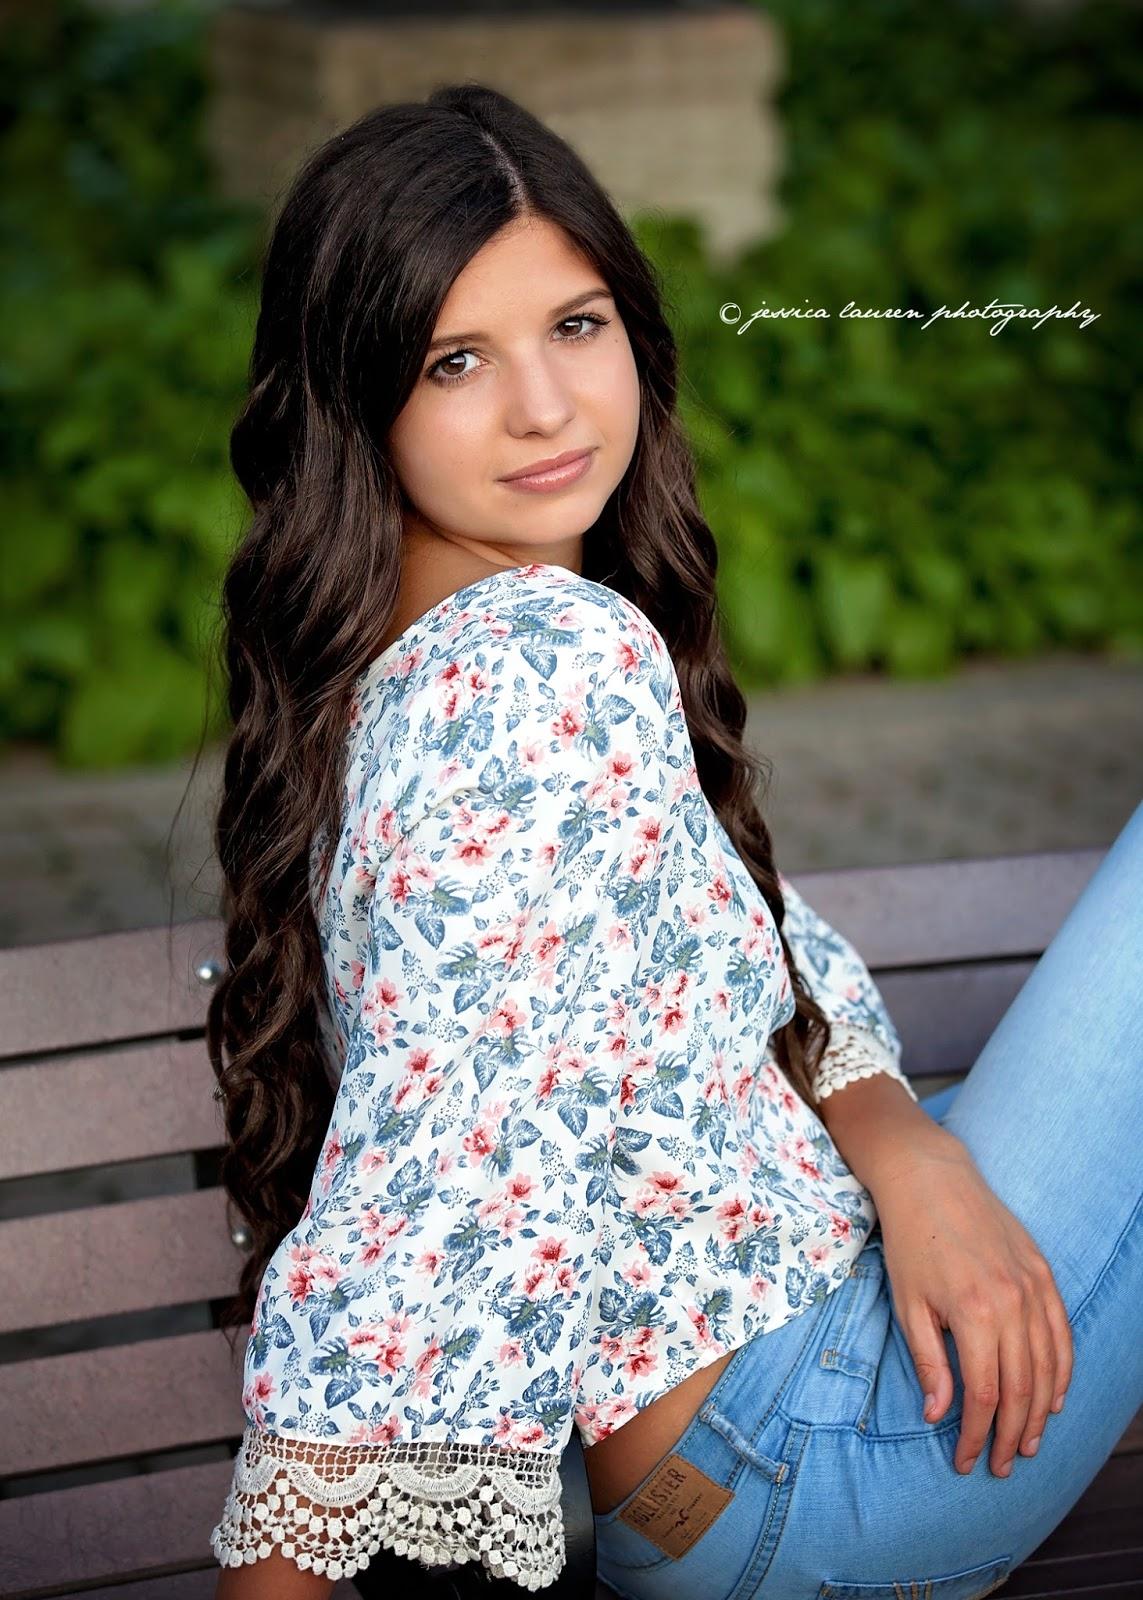 Jessica Lauren Nude Photos 11